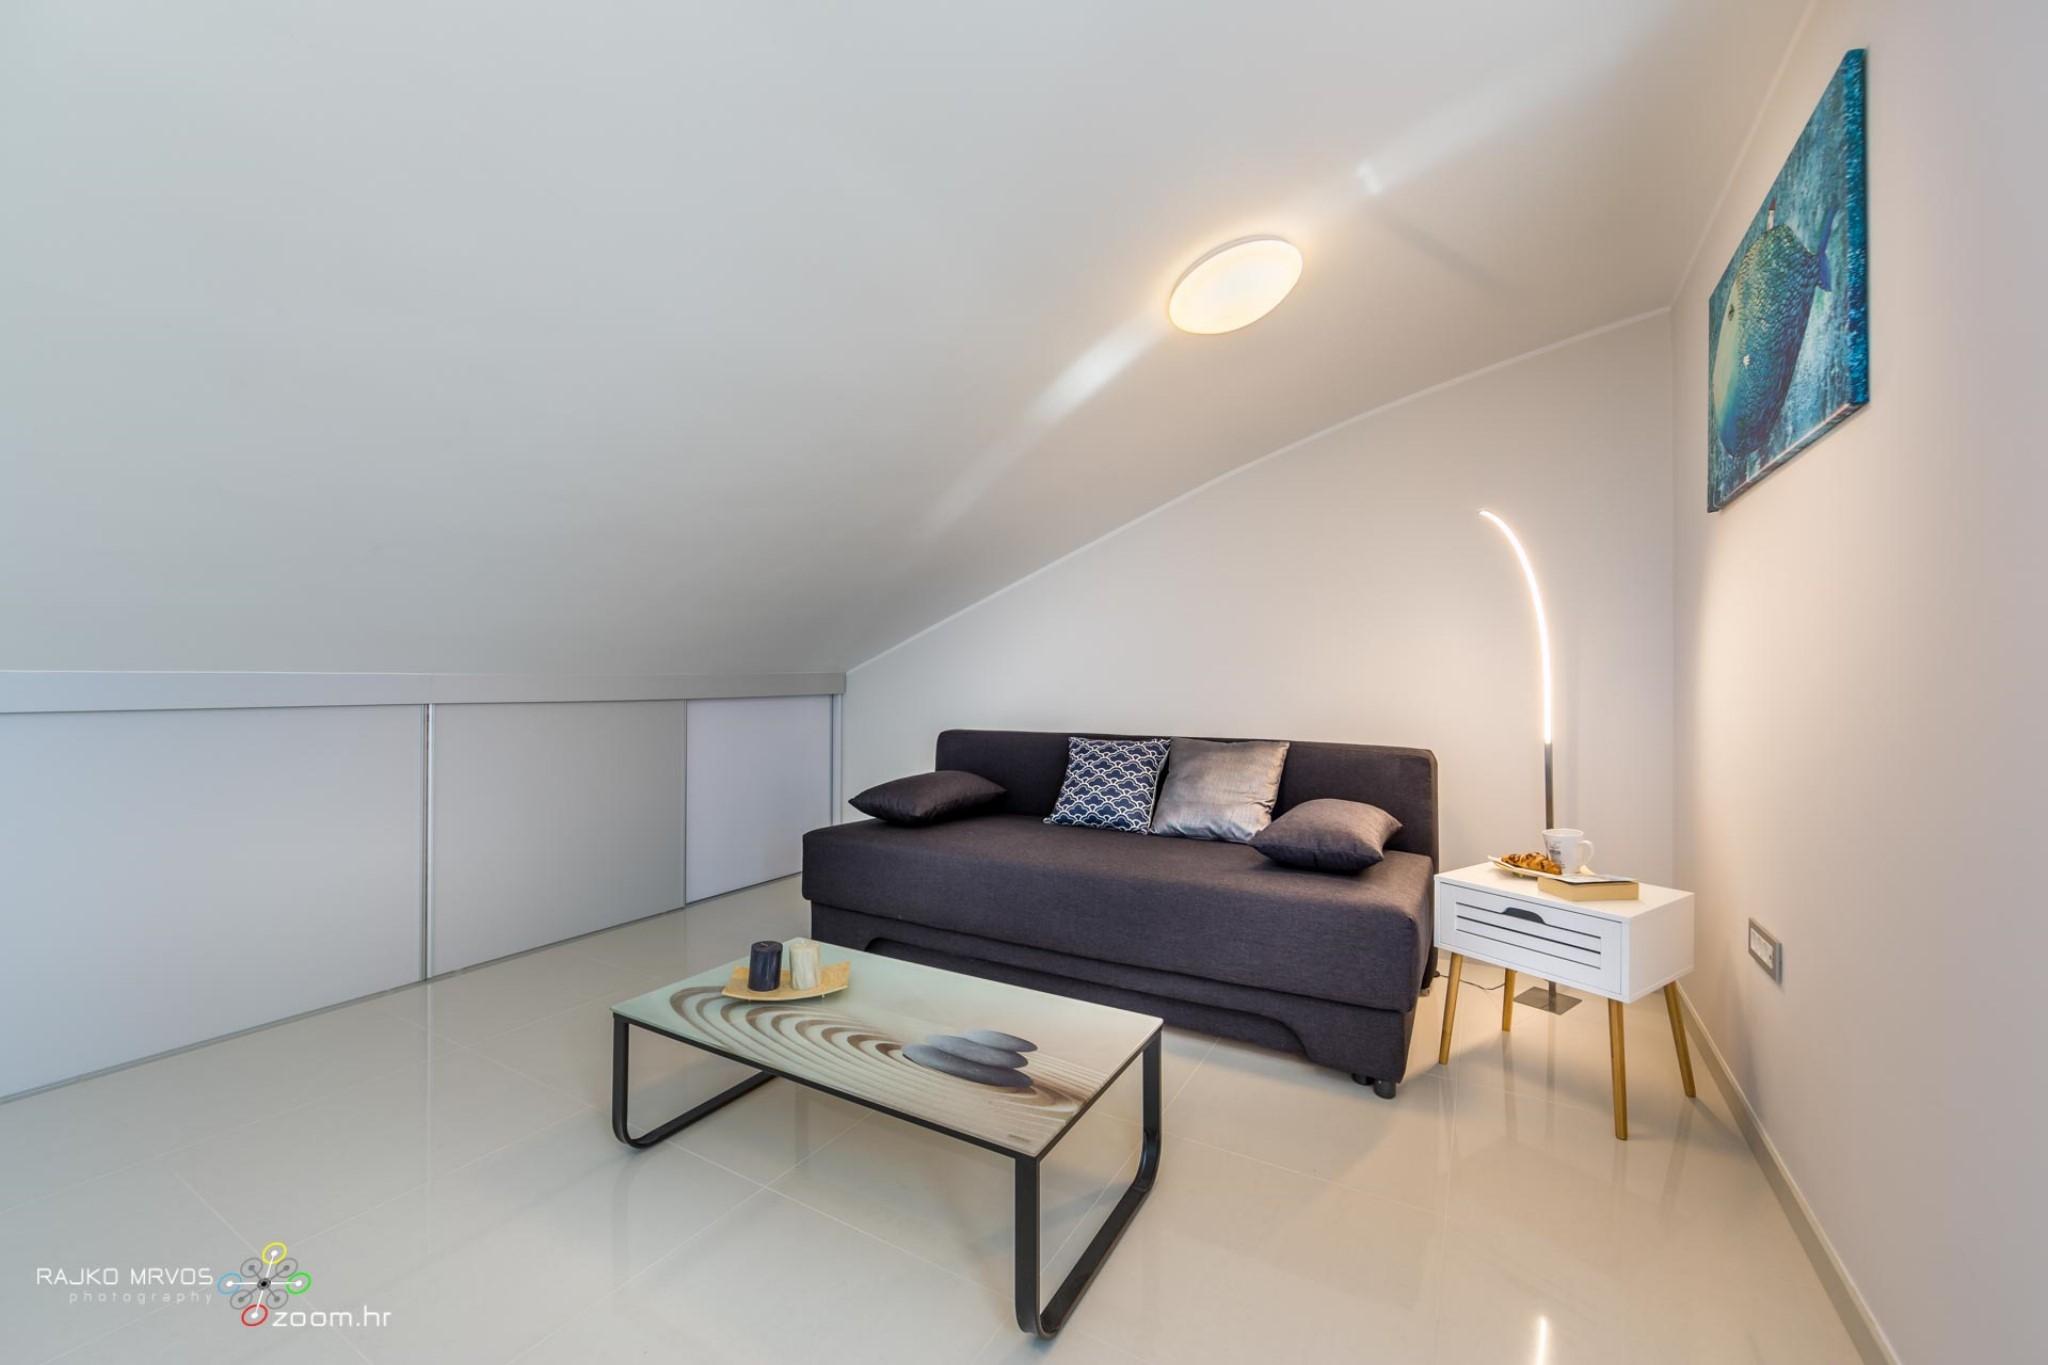 fotografiranje-interijera-fotograf-eksterijera-apartmana-vila-kuca-hotela-apartman-Pobri-Opatija-66